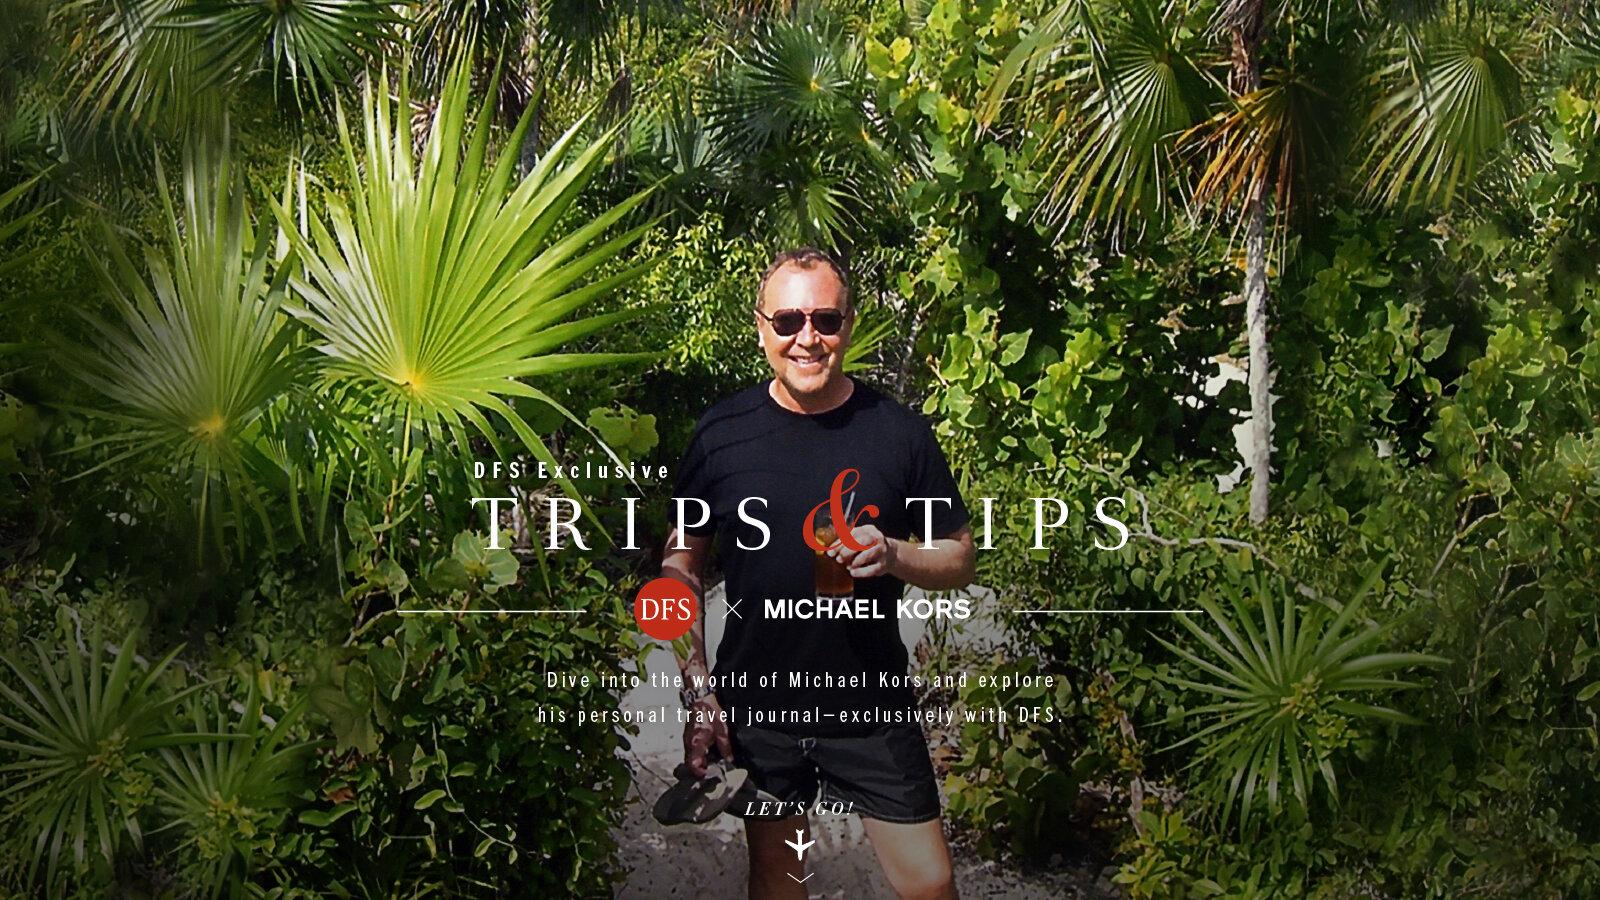 T&T_MichaelKors_desktop_EN_01.jpg